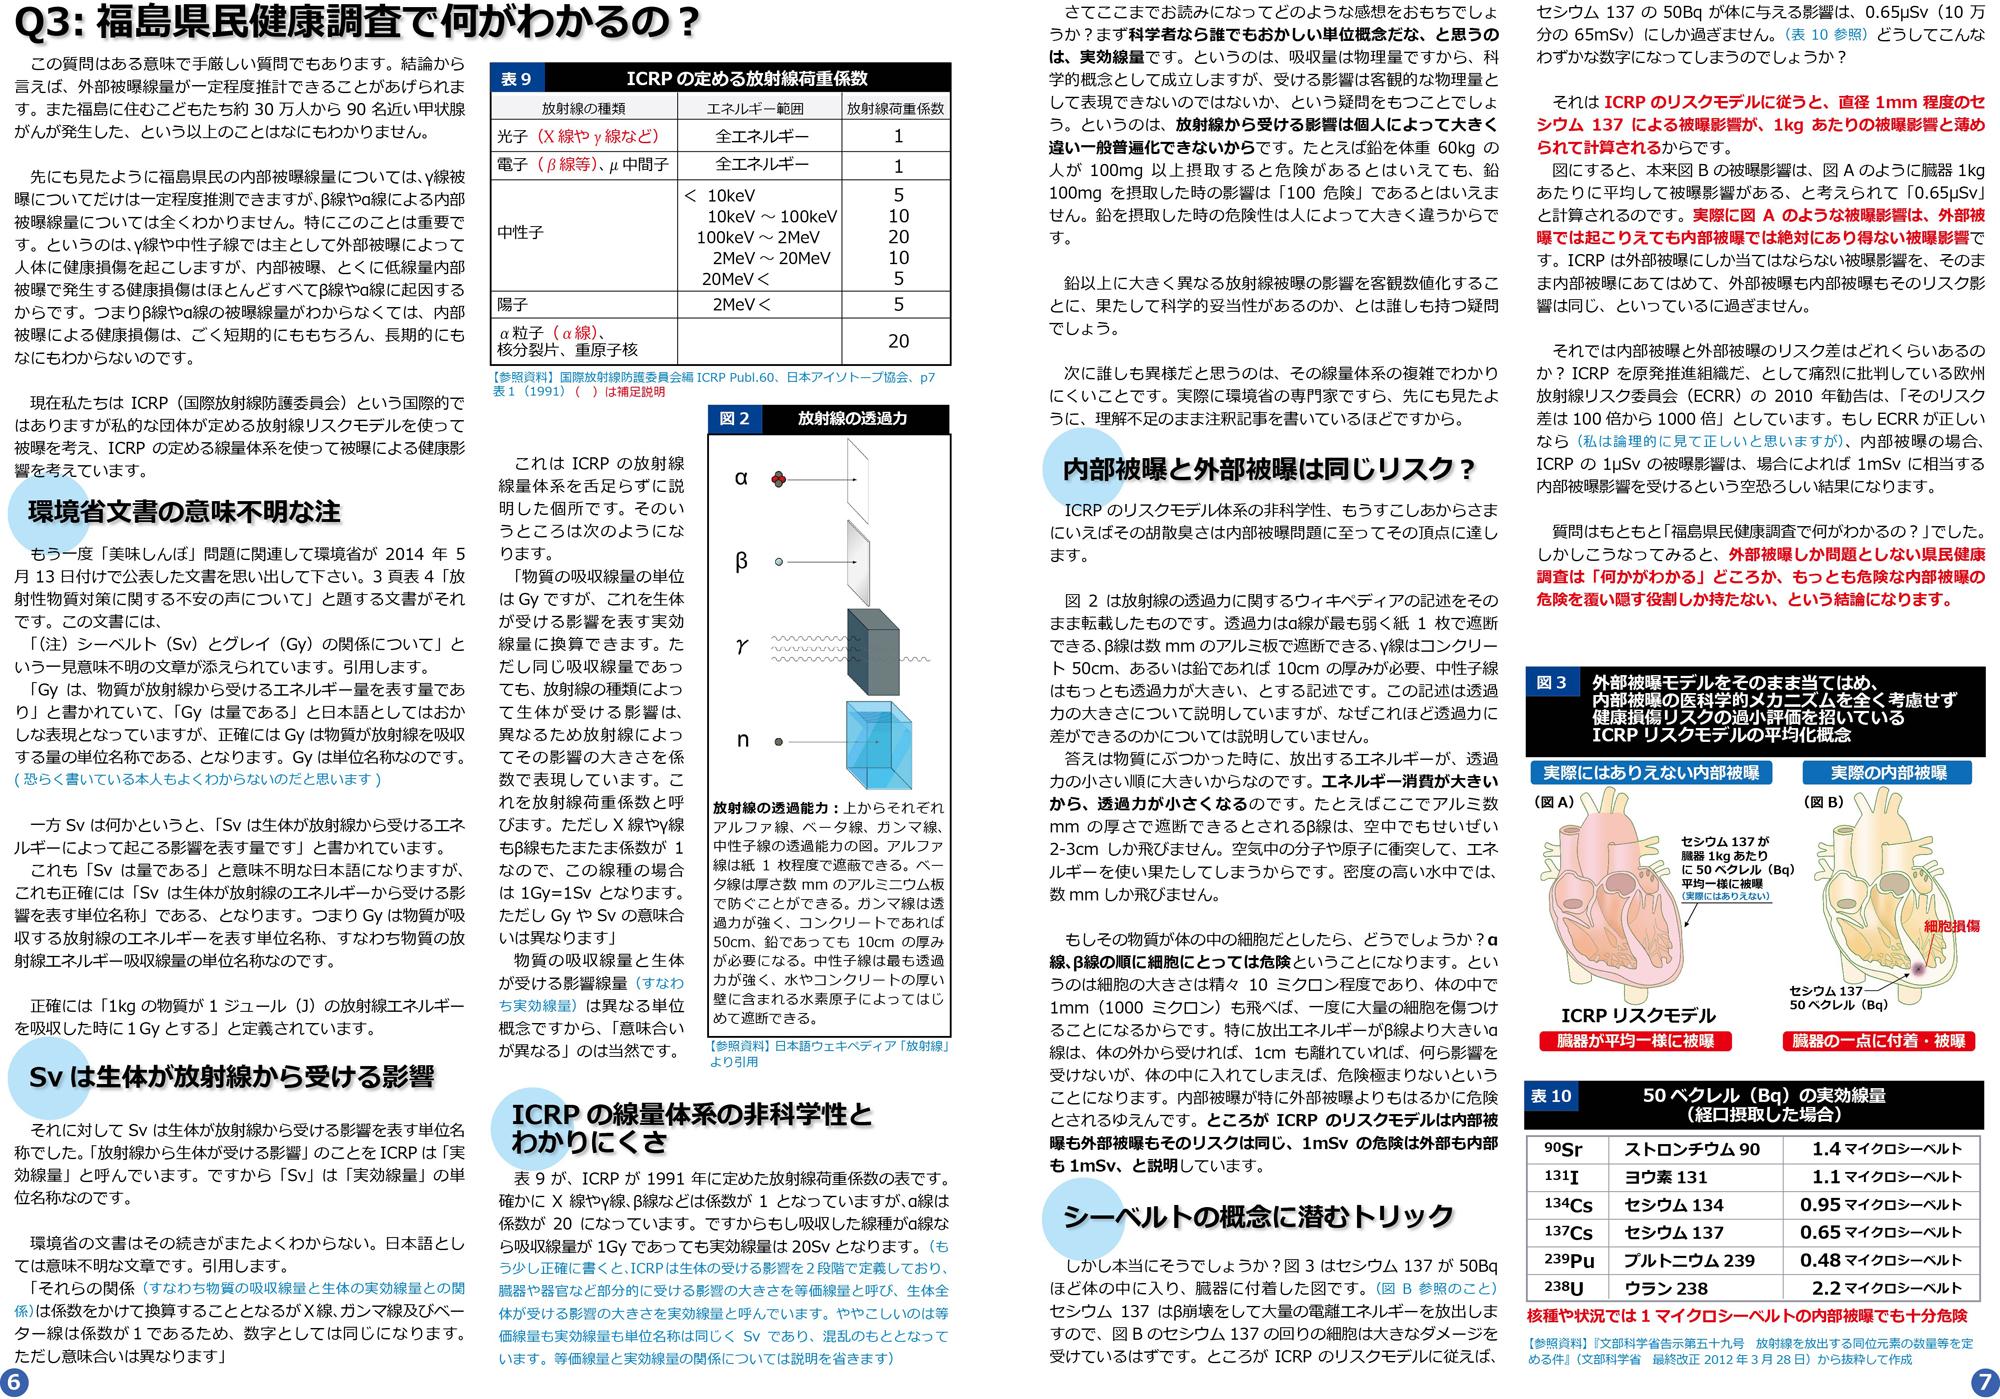 ファイル 307-4.jpg